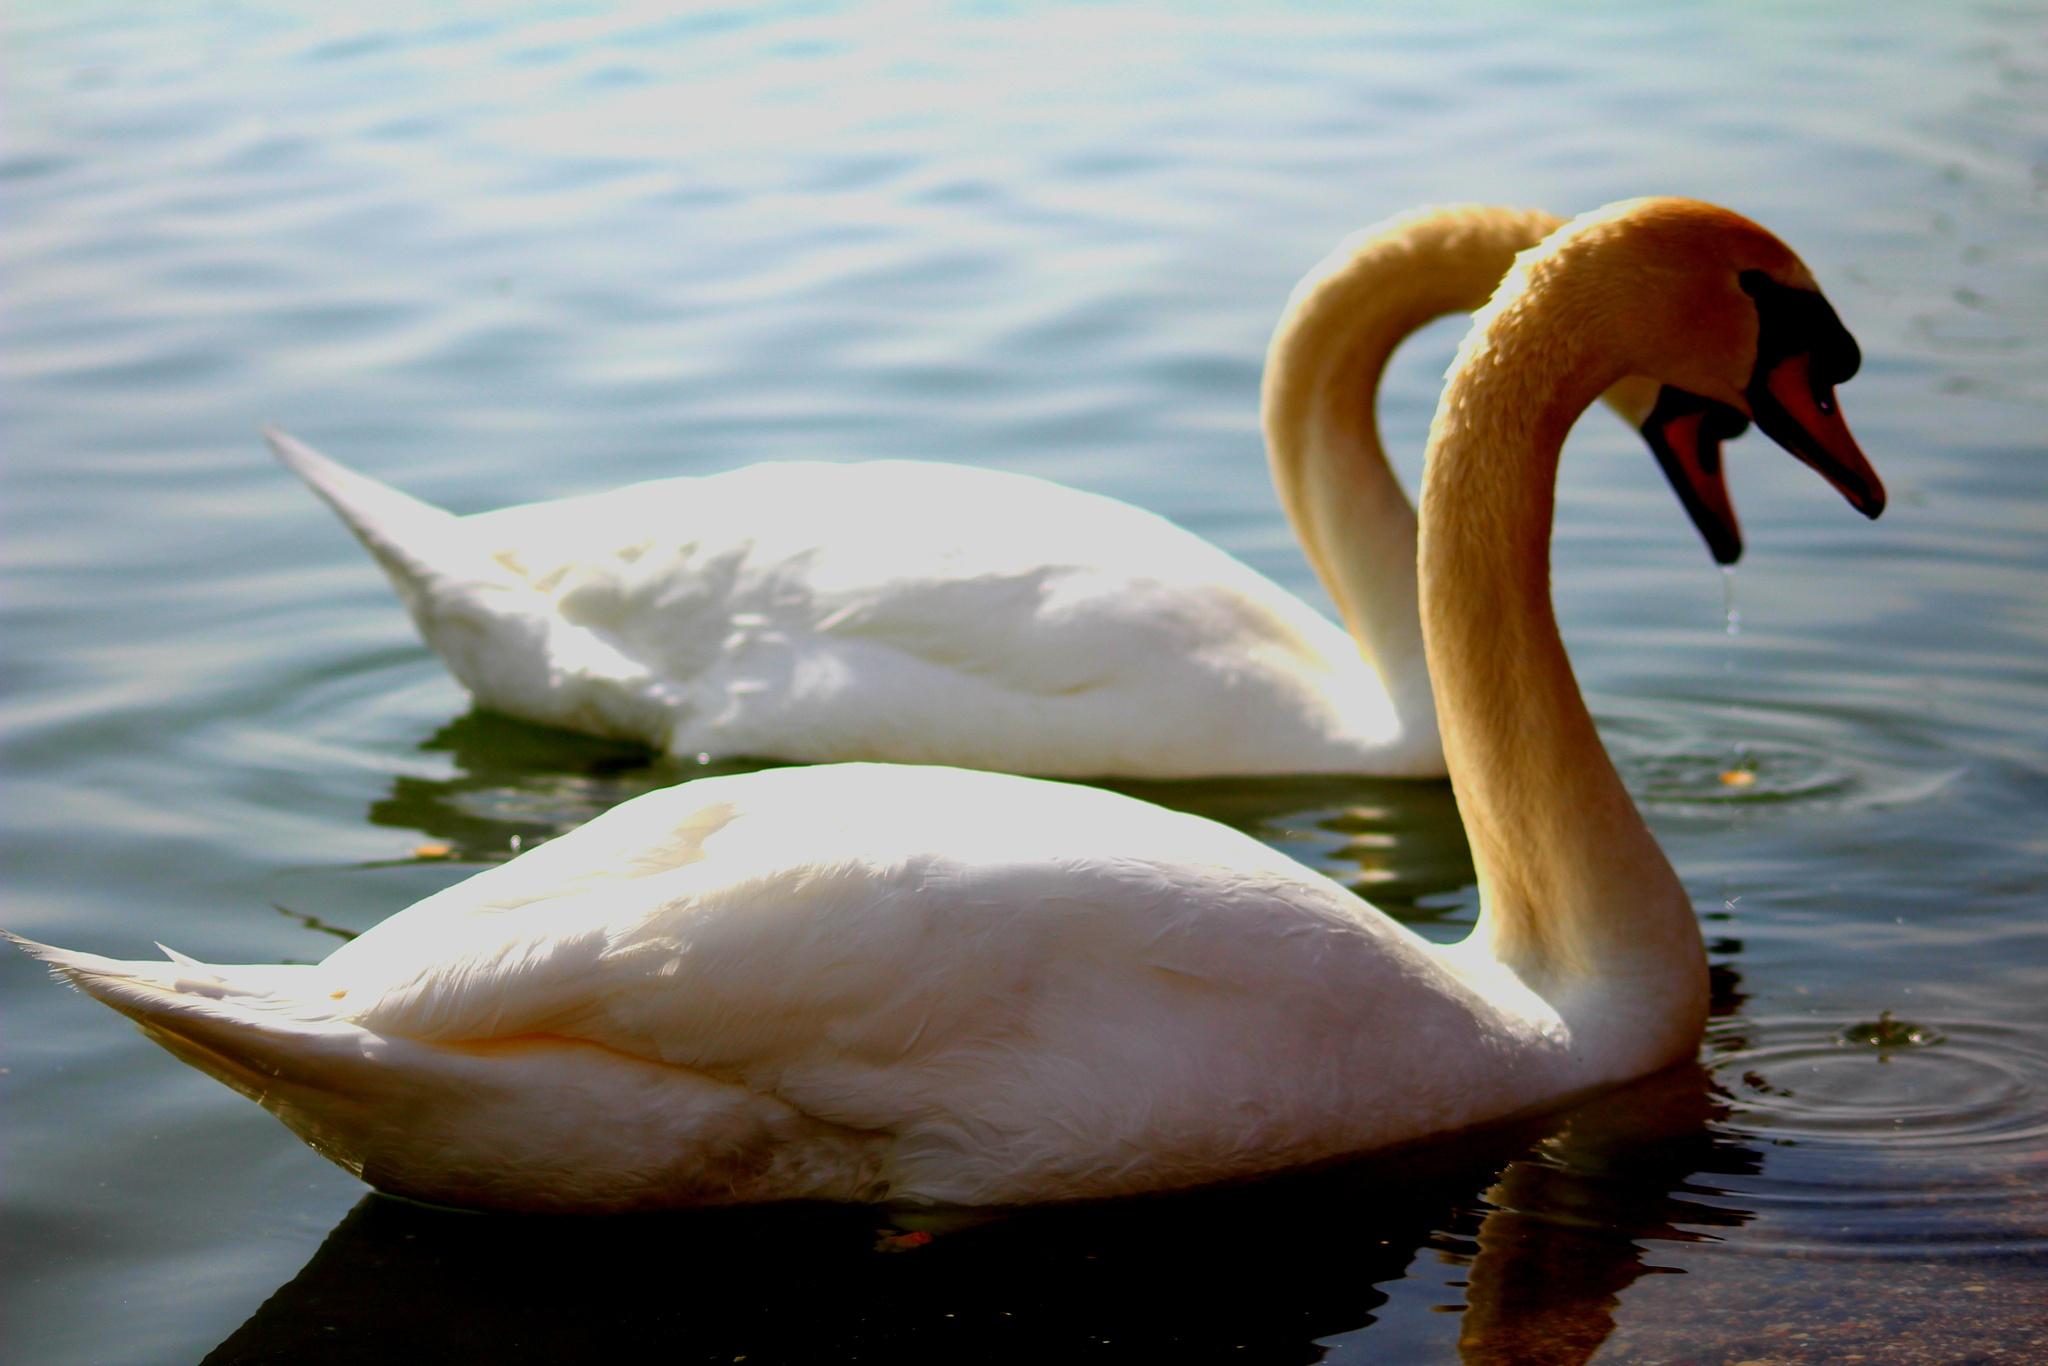 Swans in Love by Alberto Vivarelli